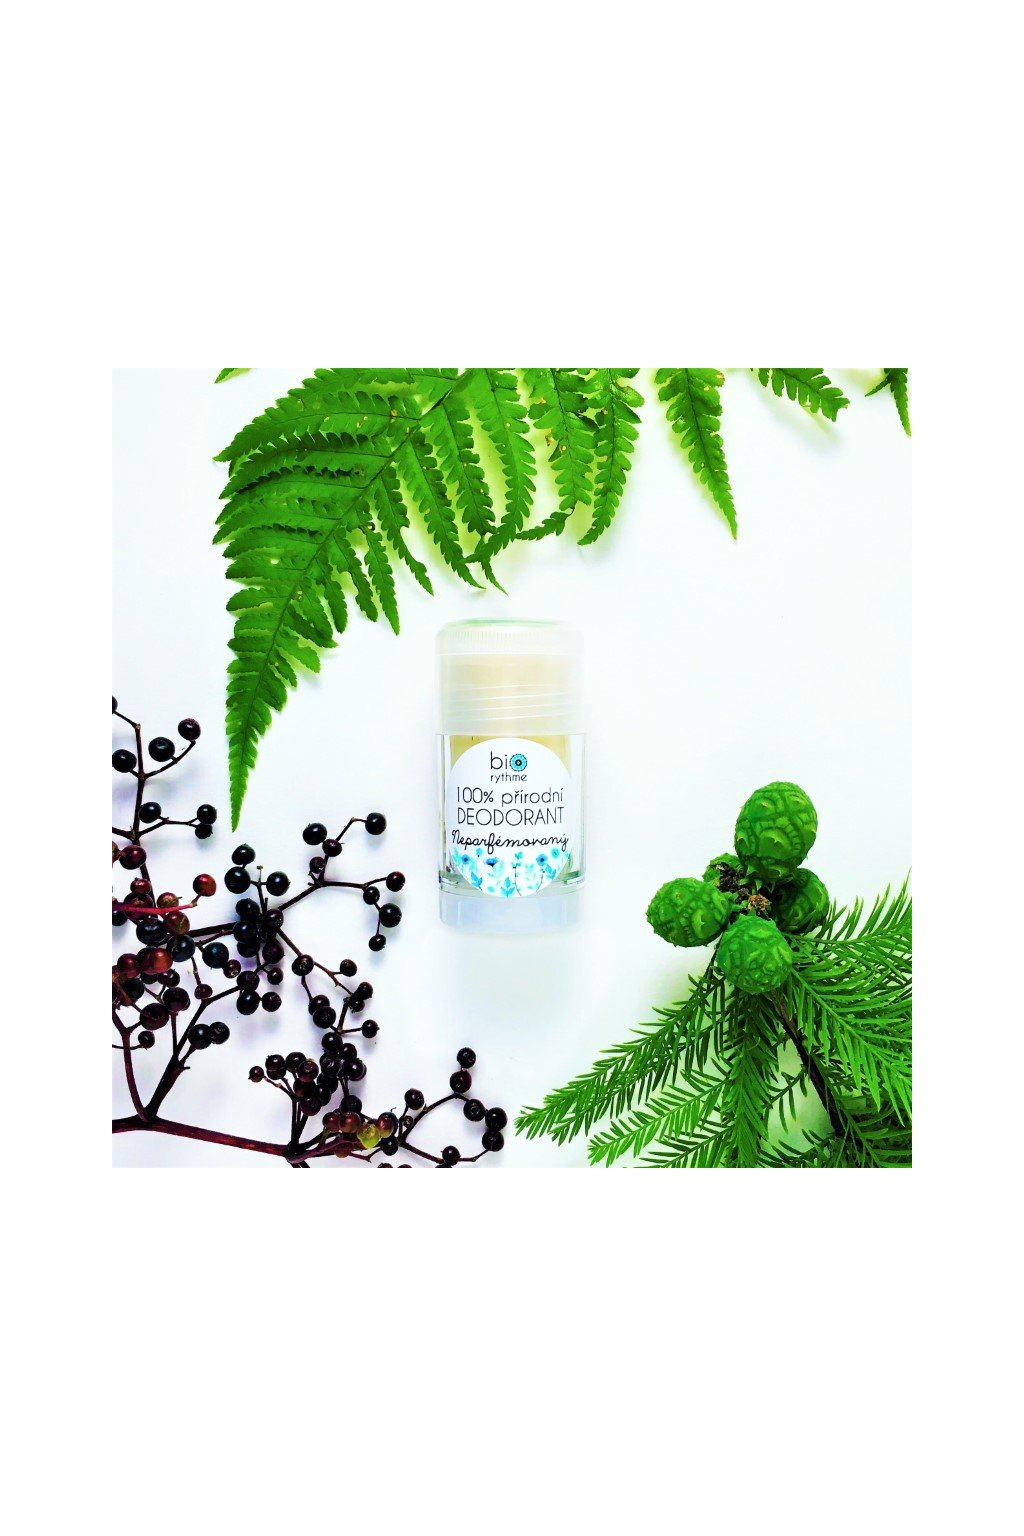 Biorythme: 100% přírodní deodorant Neparfémovaný (velký)